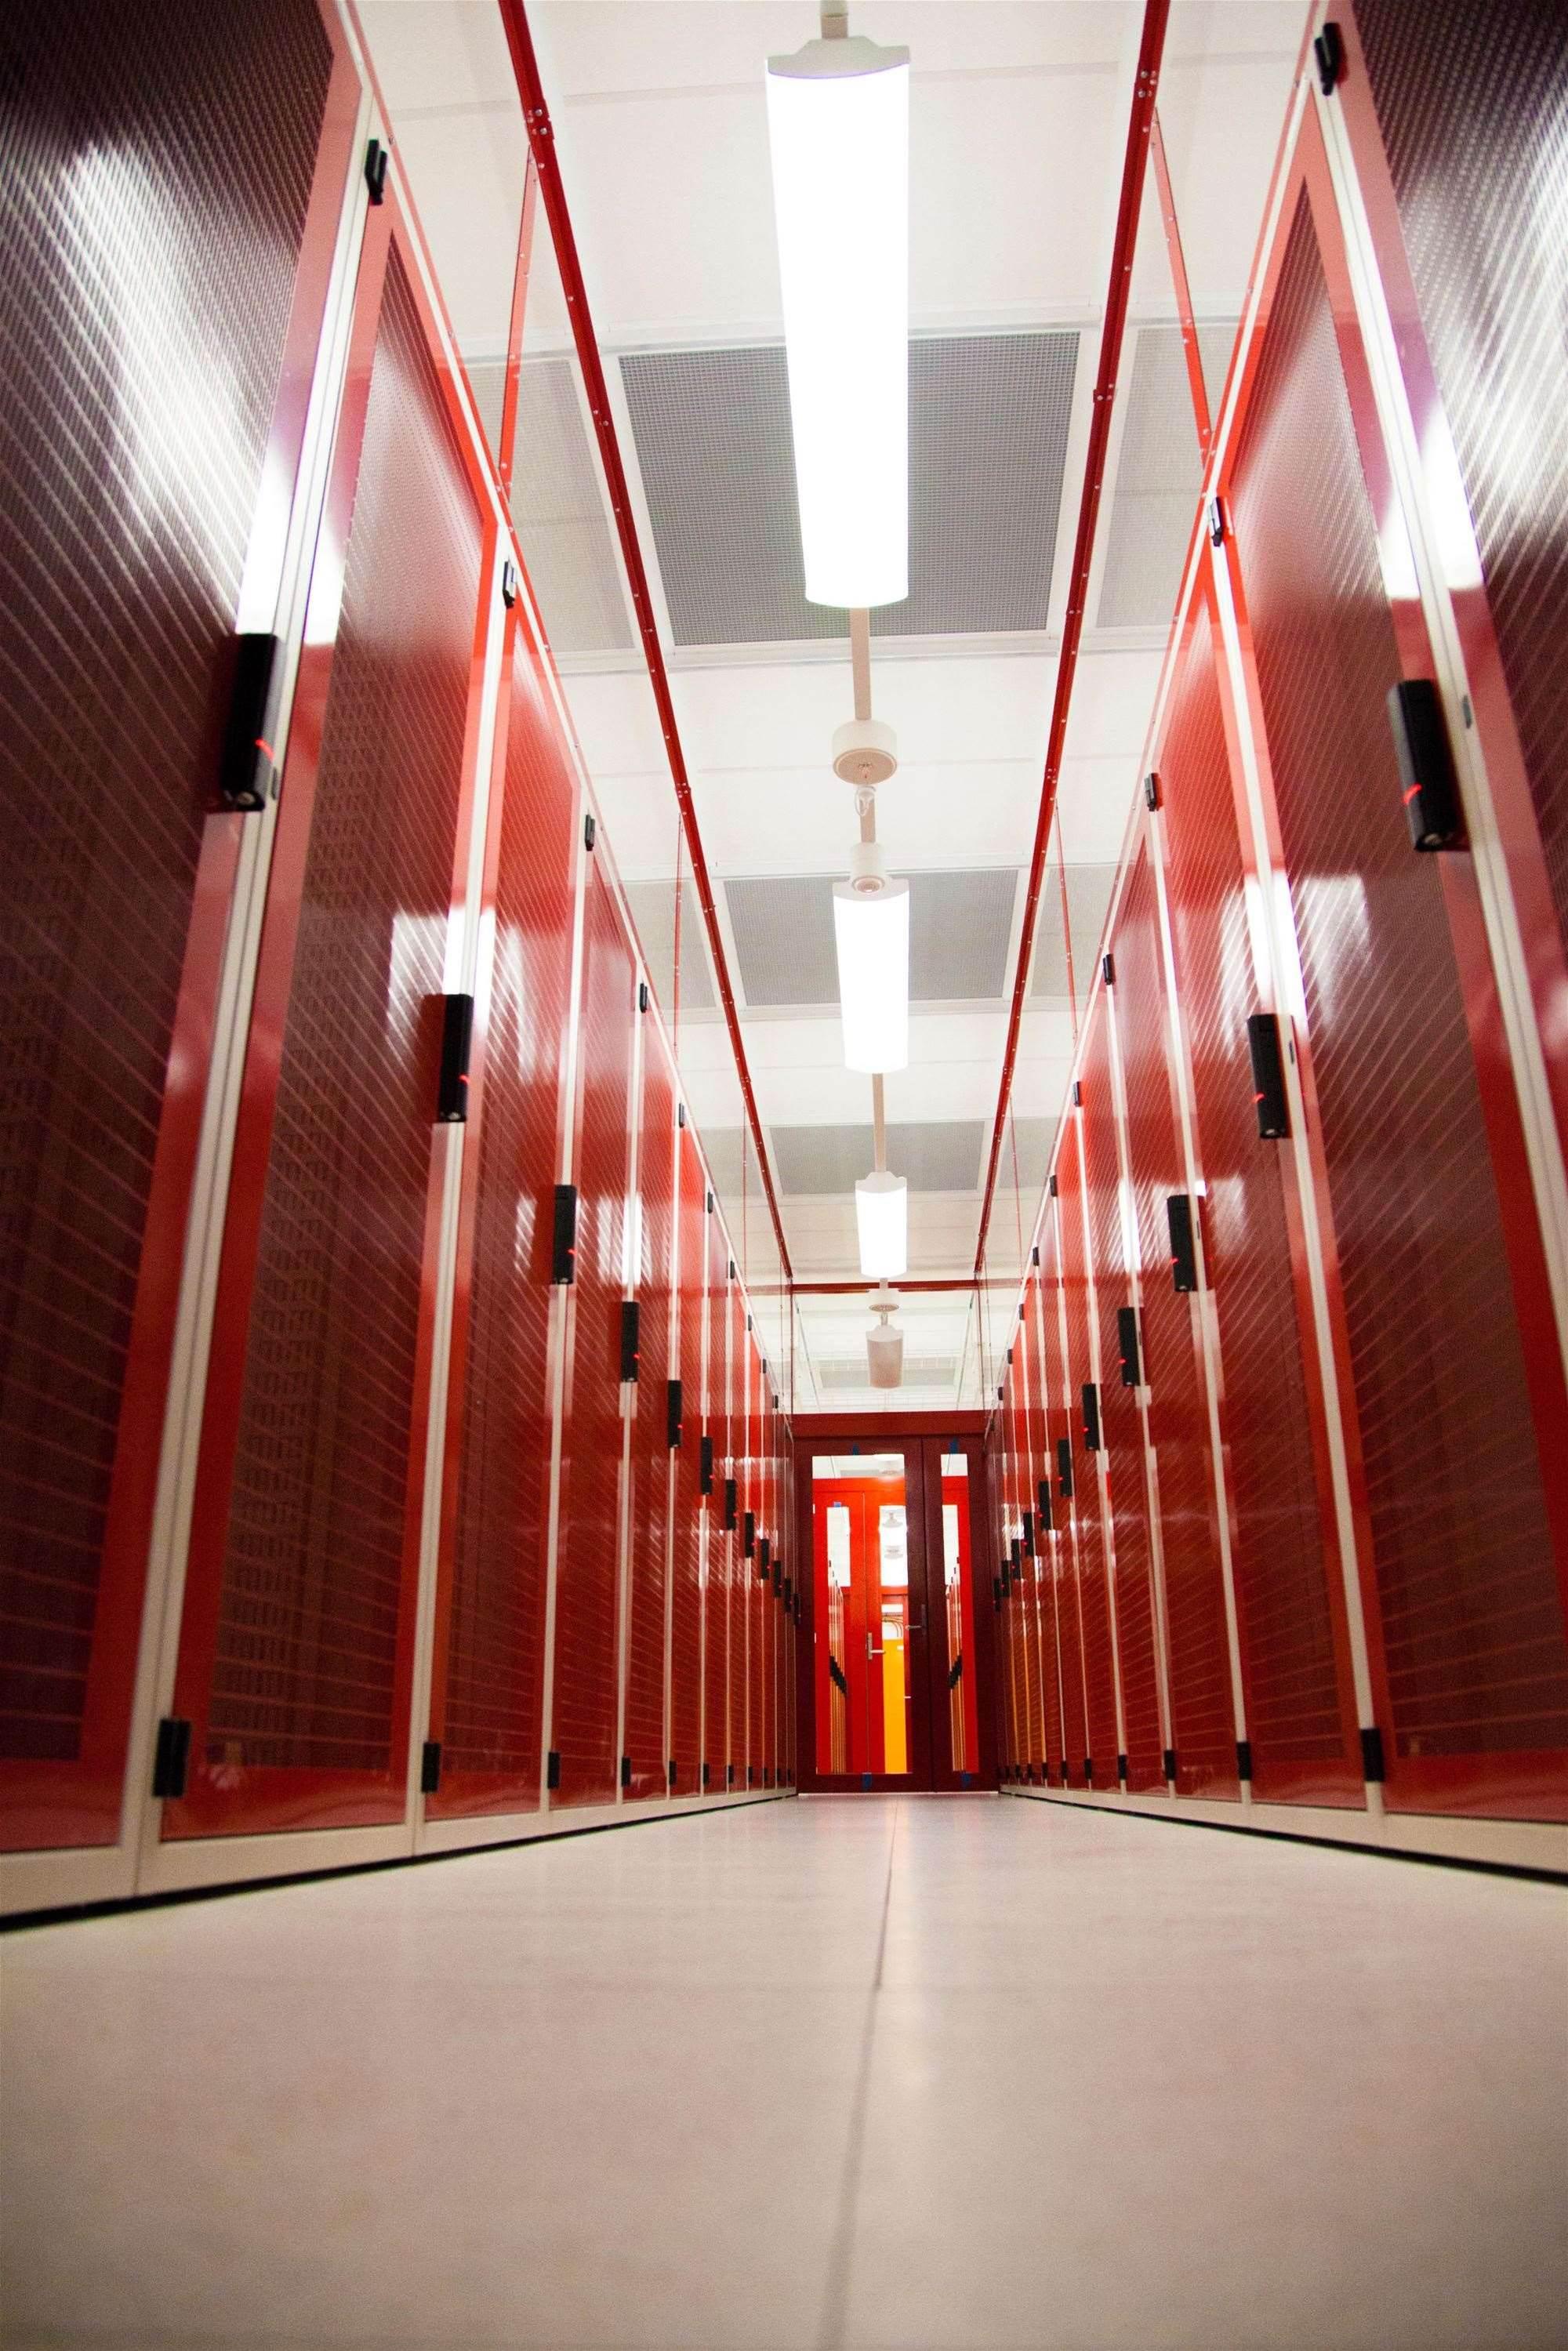 Photos: NextDC unveils flagship Melbourne data centre